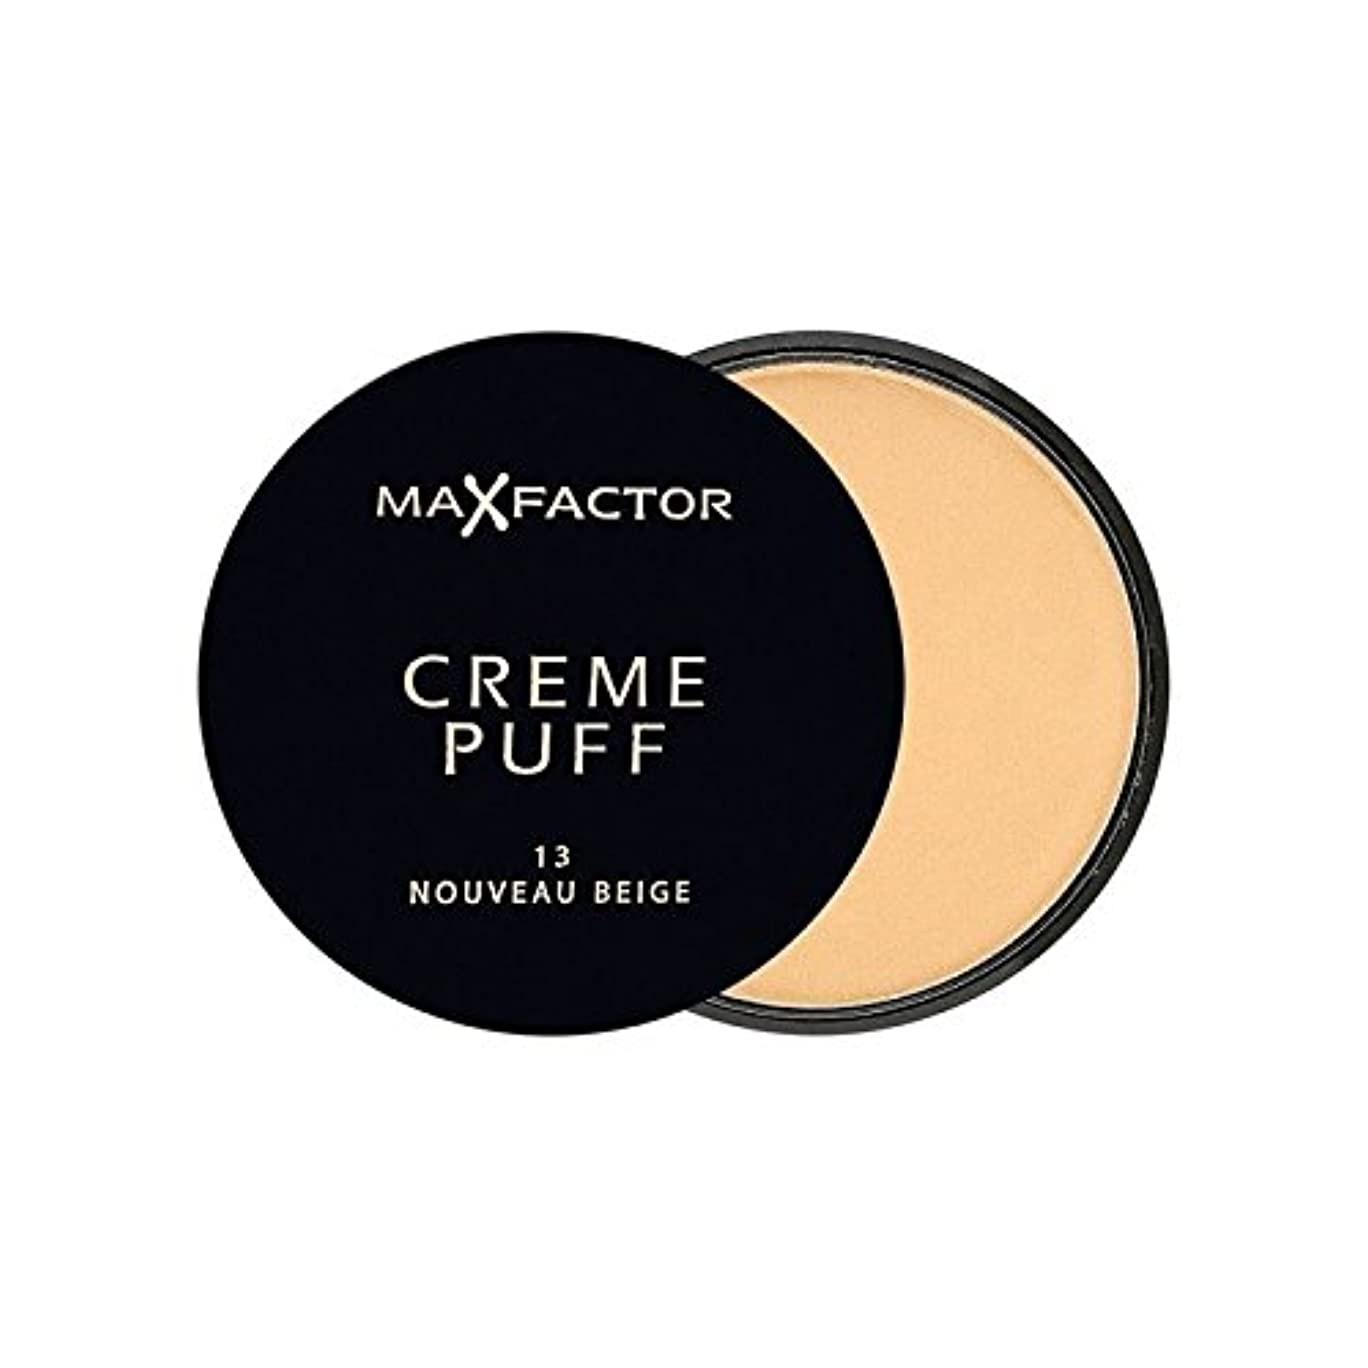 アライメント魔女ぼろマックスファクタークリームパフ粉末コンパクトヌーボーベージュ13 x2 - Max Factor Creme Puff Powder Compact Nouveau Beige 13 (Pack of 2) [並行輸入品]